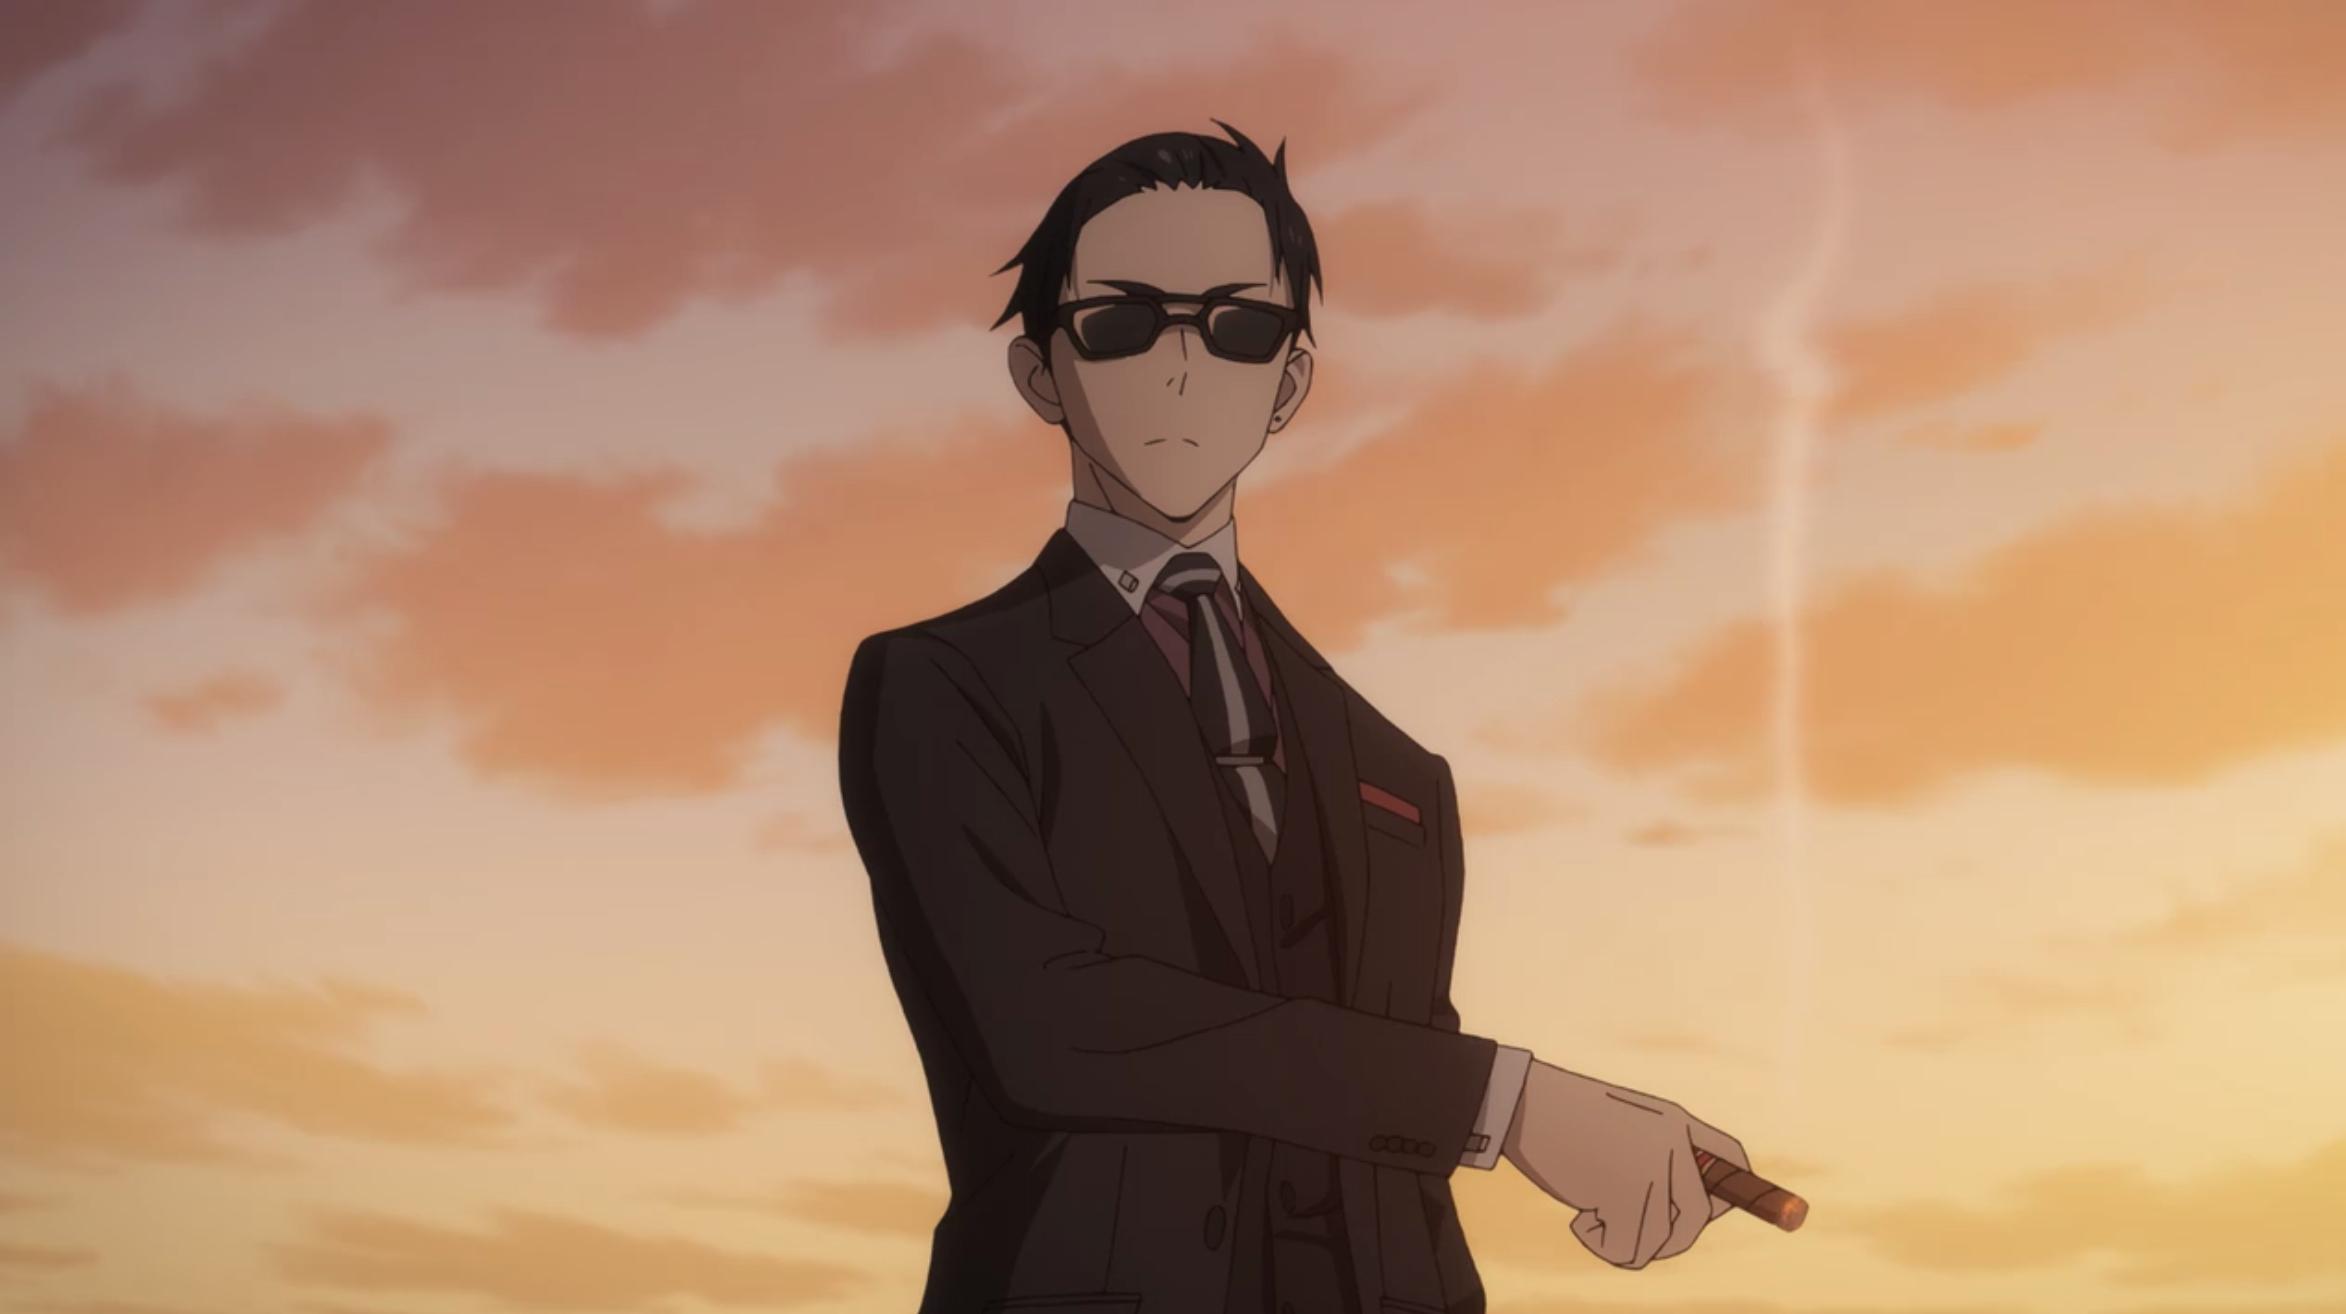 TVアニメ『富豪刑事』6話感想 大使館事件を追う大助の指示をヒュスクが拒否!新たな爆破事件&過去に起きた事件とは…